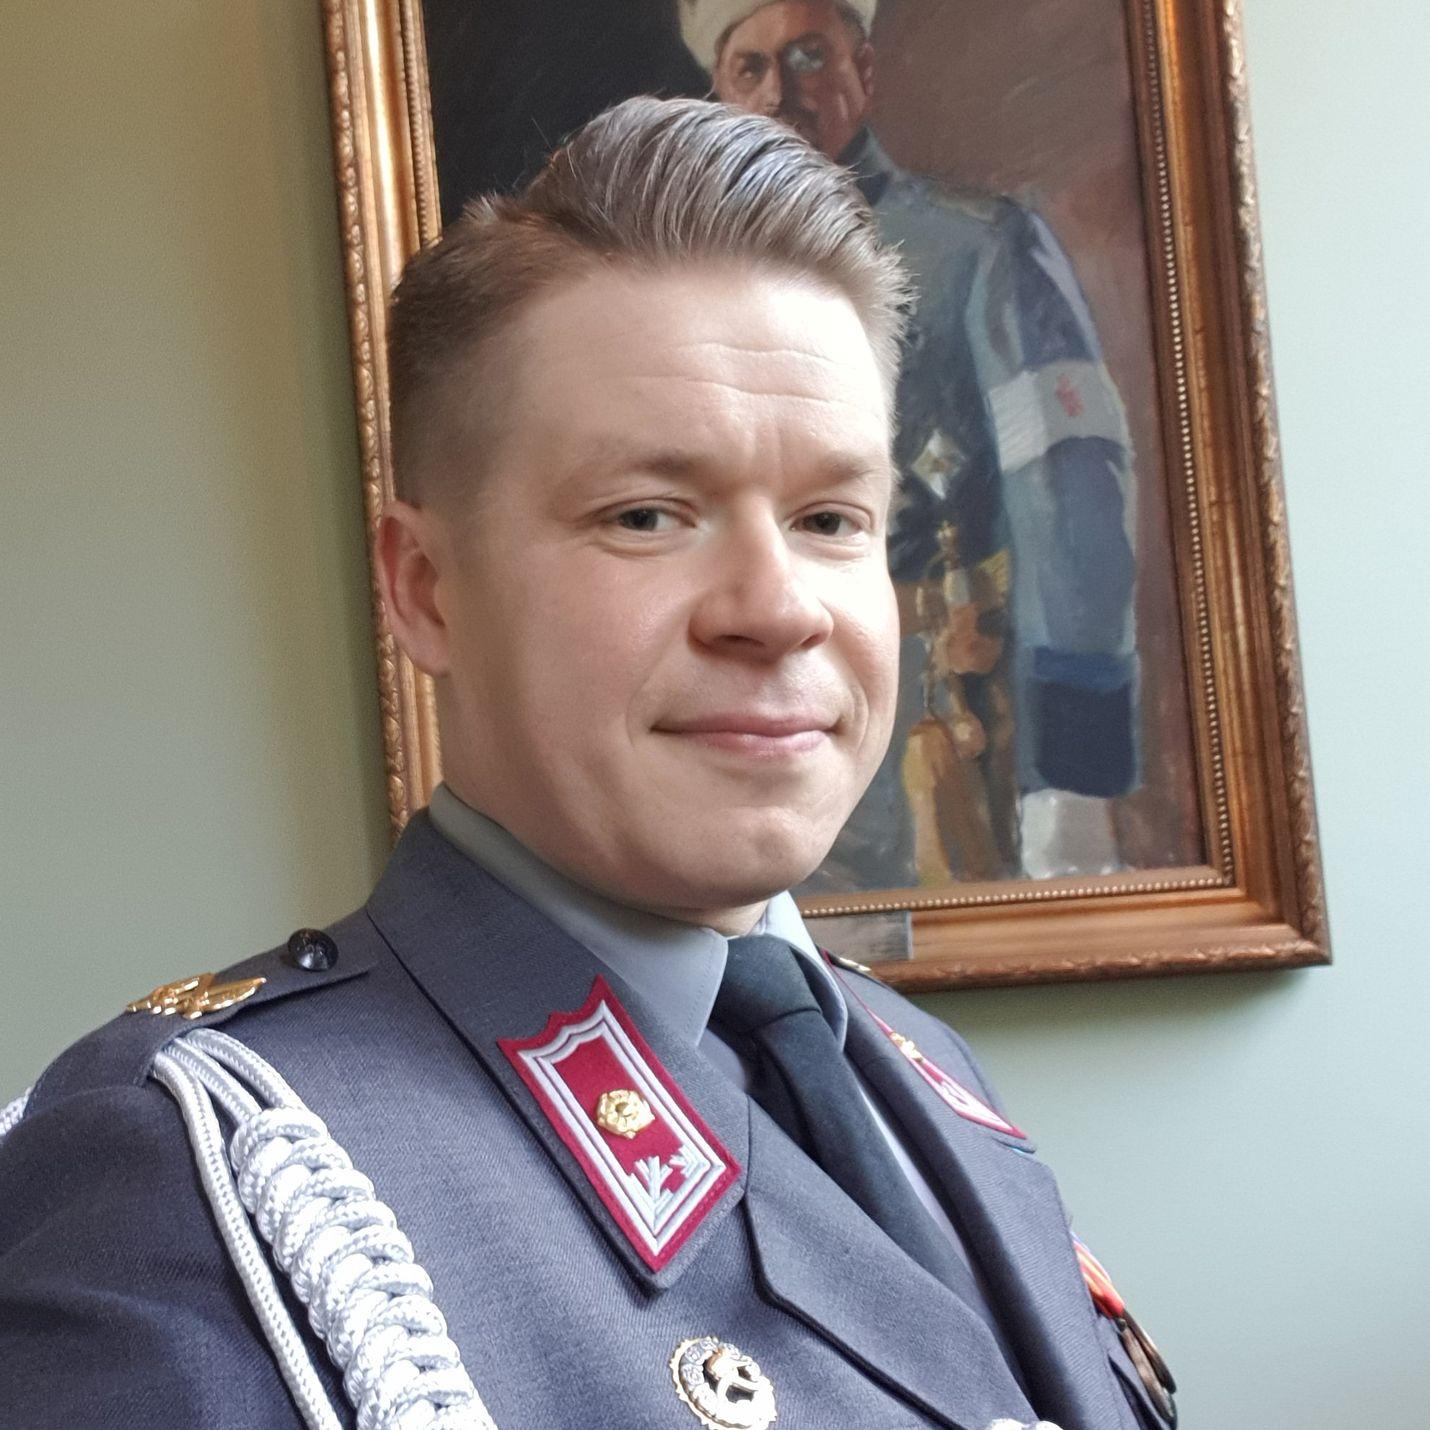 Maanpuolustuskorkeakoulun dosentti, majuri Antti Paronen odottaa suurella mielenkiinnolla millaista Isisin terroristinen toiminta länsimaissa tulee tulevaisuudessa olemaan.